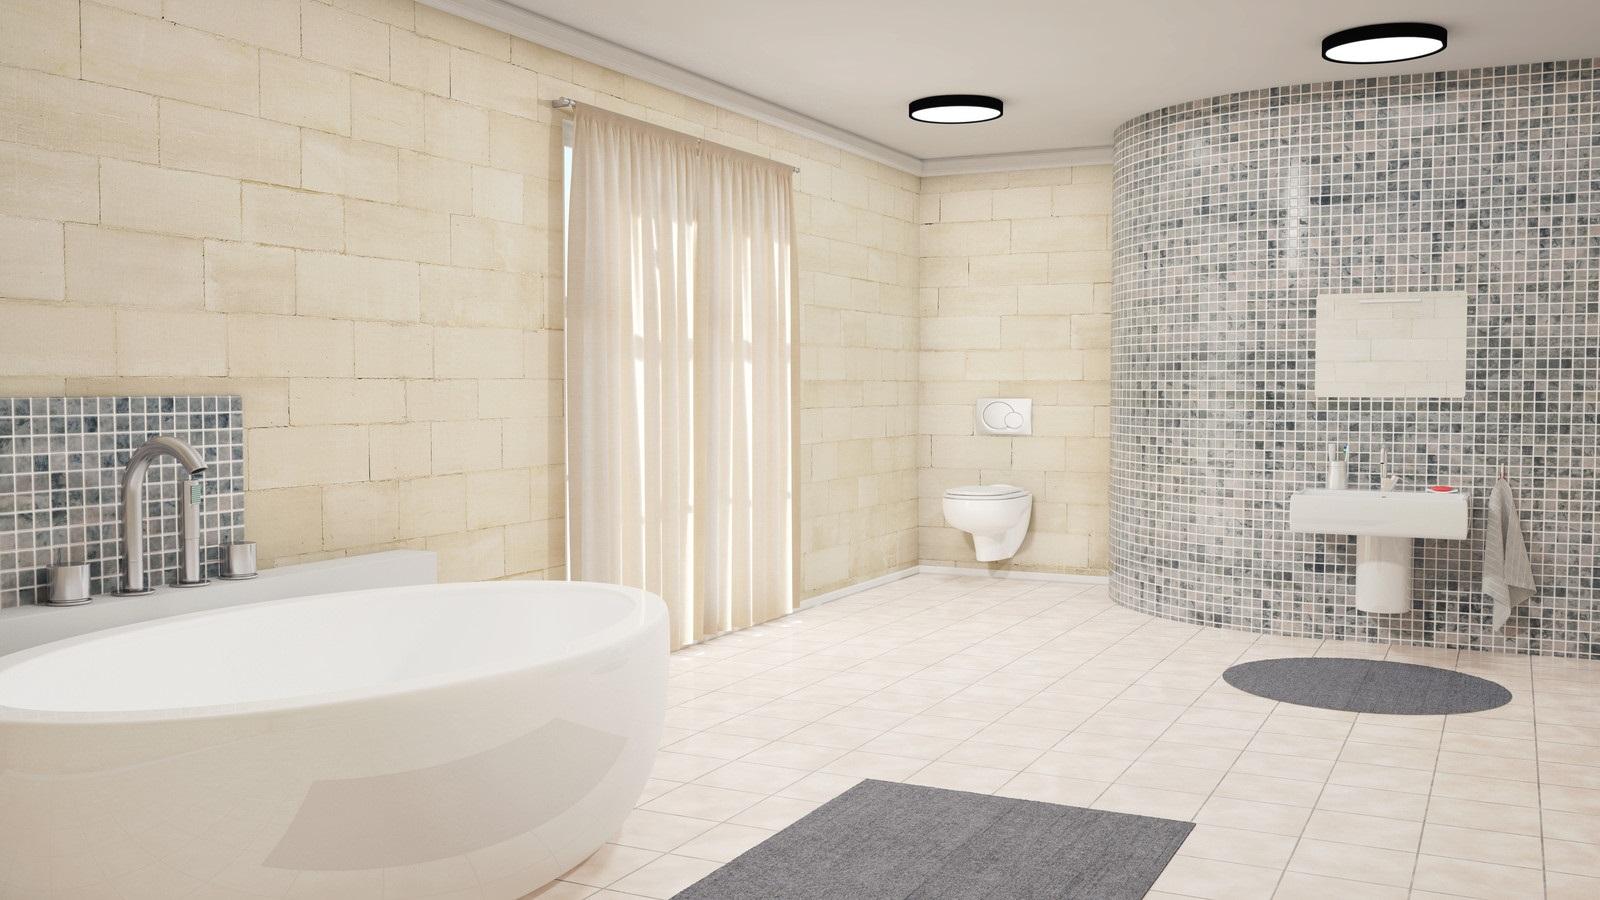 bathroom wall floor backsplashes.jpg